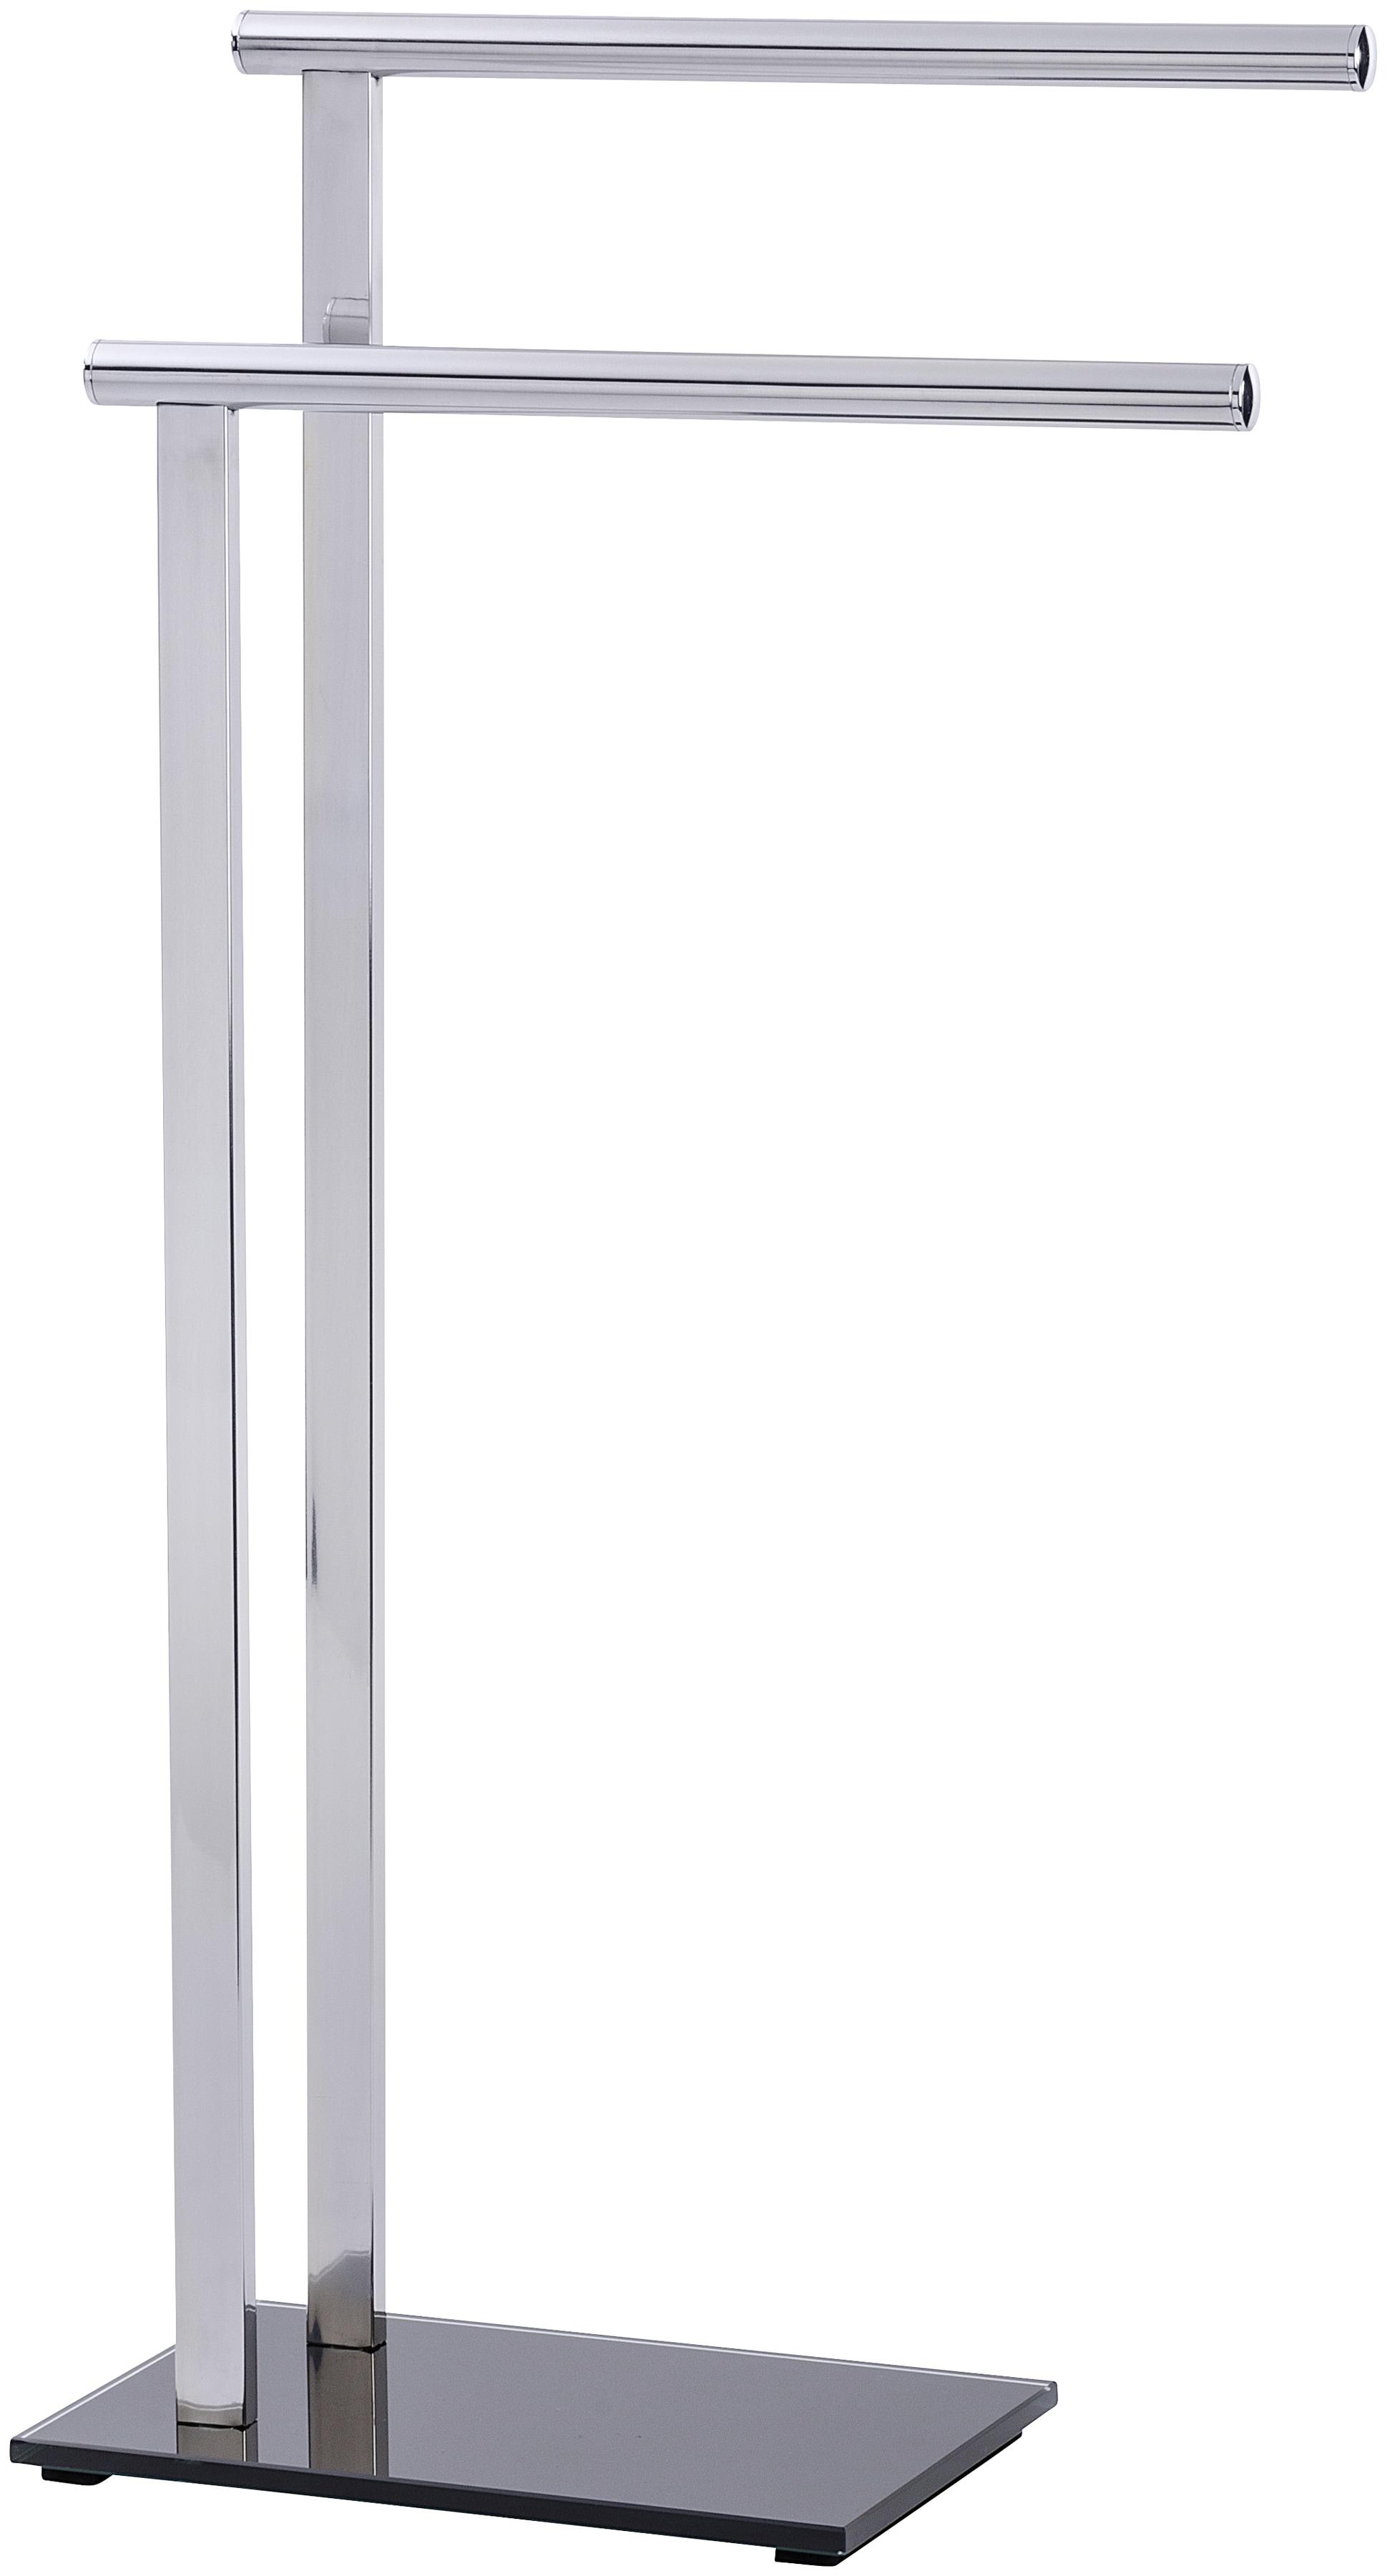 TOPBATHY Edelstahl Handtuchhalter Wandhalterung Handtuchring Handtuchhalter Geschirrt/ücher Kleiderb/ügel Bad Handtuchring Organizer f/ür Bad Toilette K/üche 2St